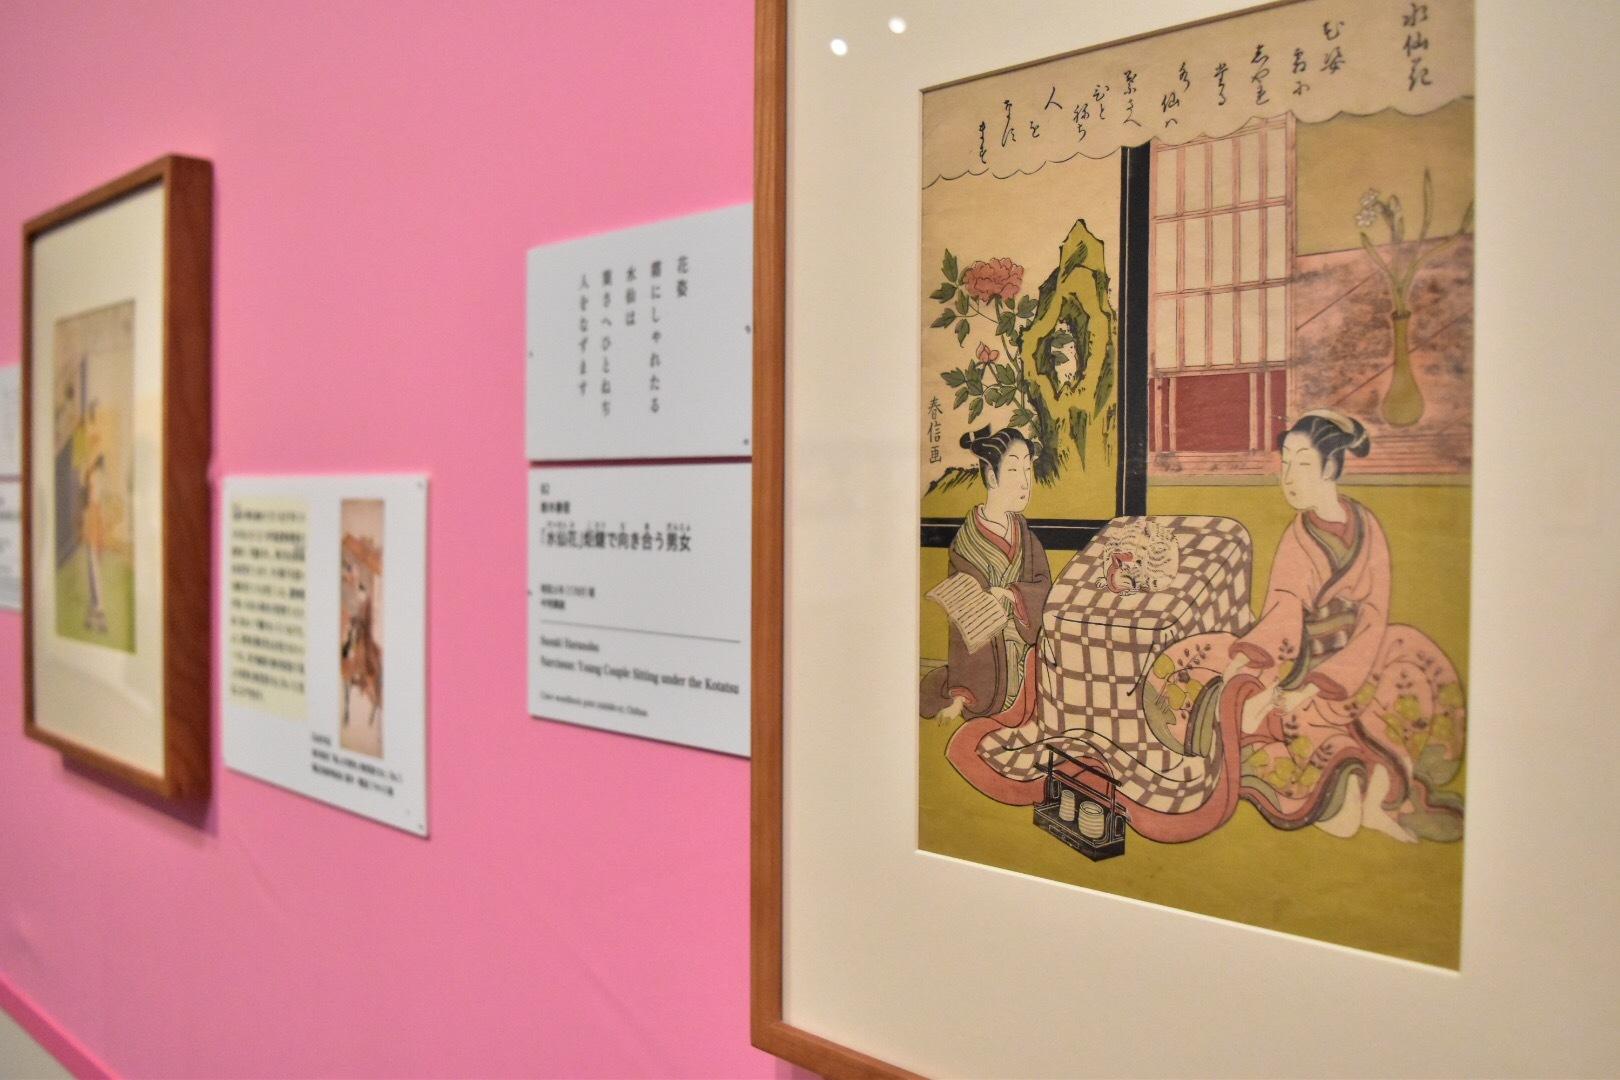 鈴木春信 《「水仙花」炬燵で向き合う男女》 明和6年(1769)頃 中判錦絵